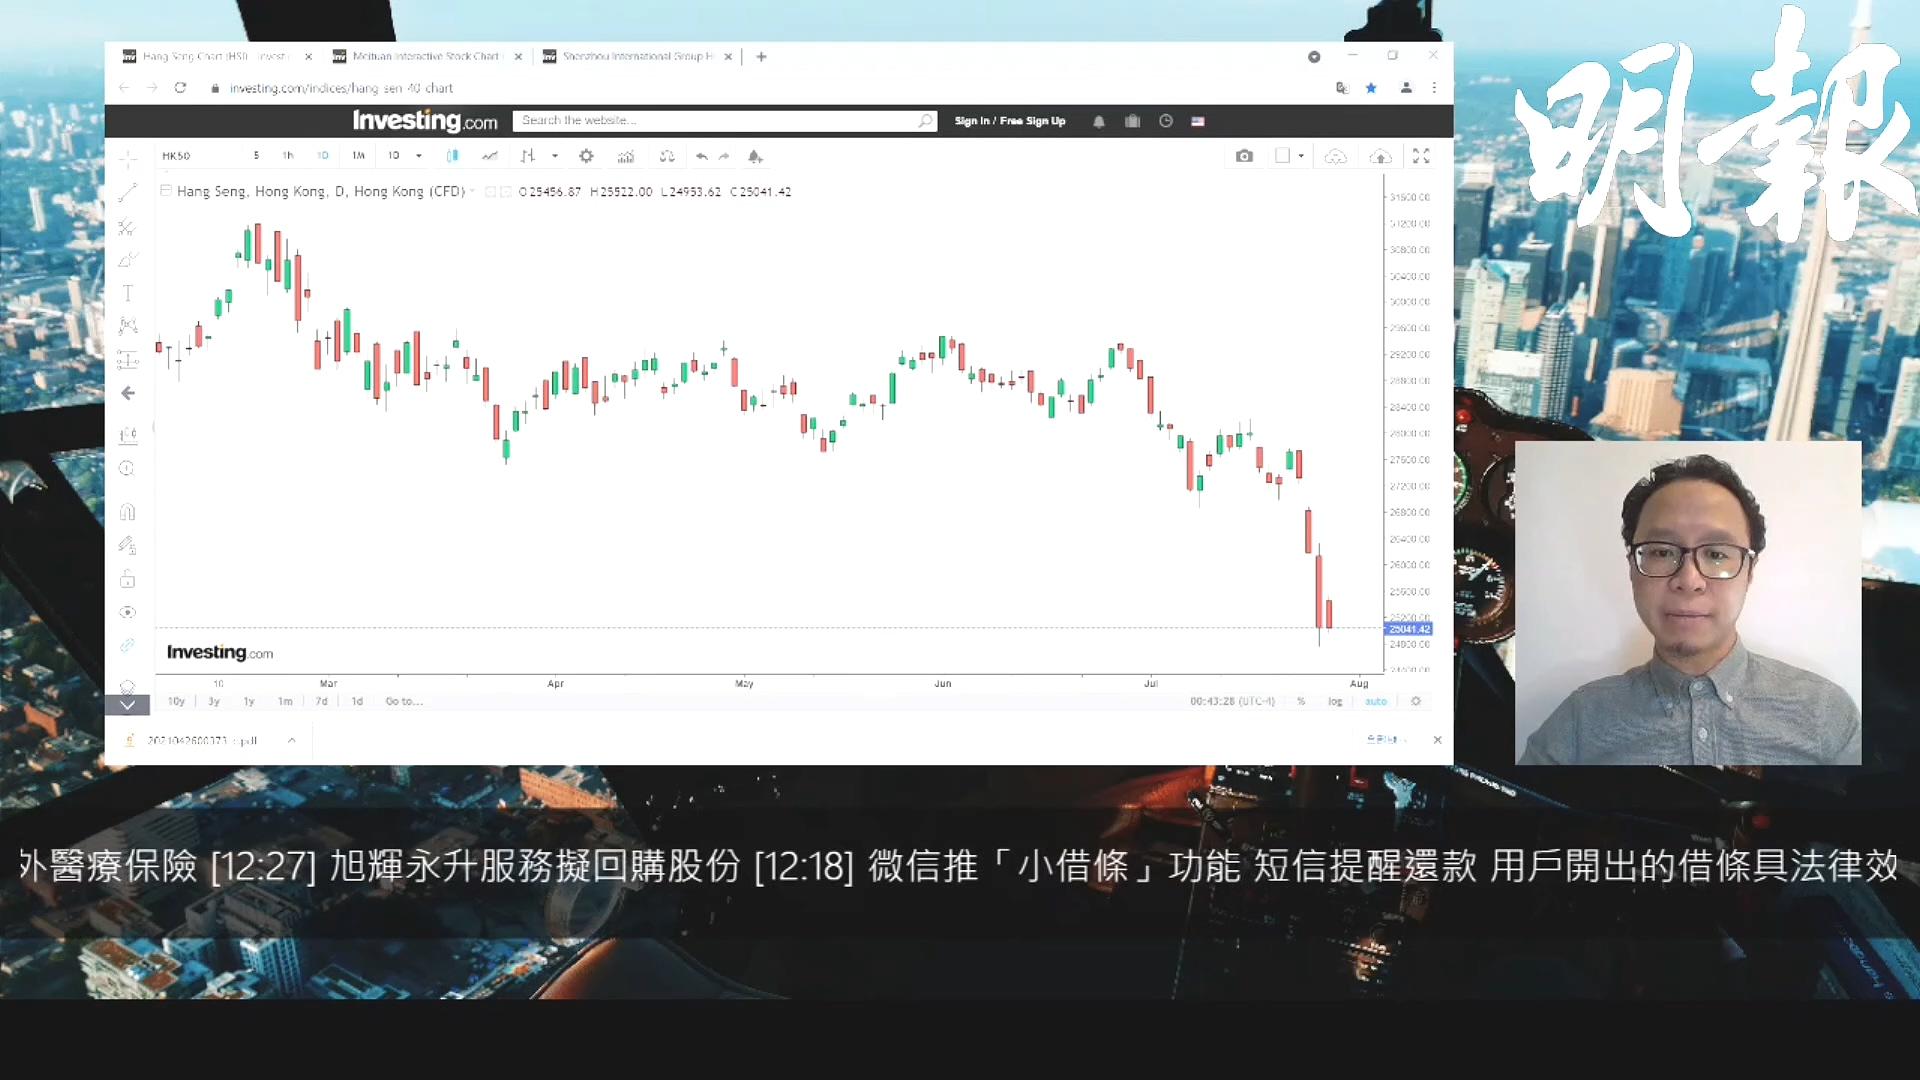 【有片:選股王】港股初步回穩 申洲望上250天線